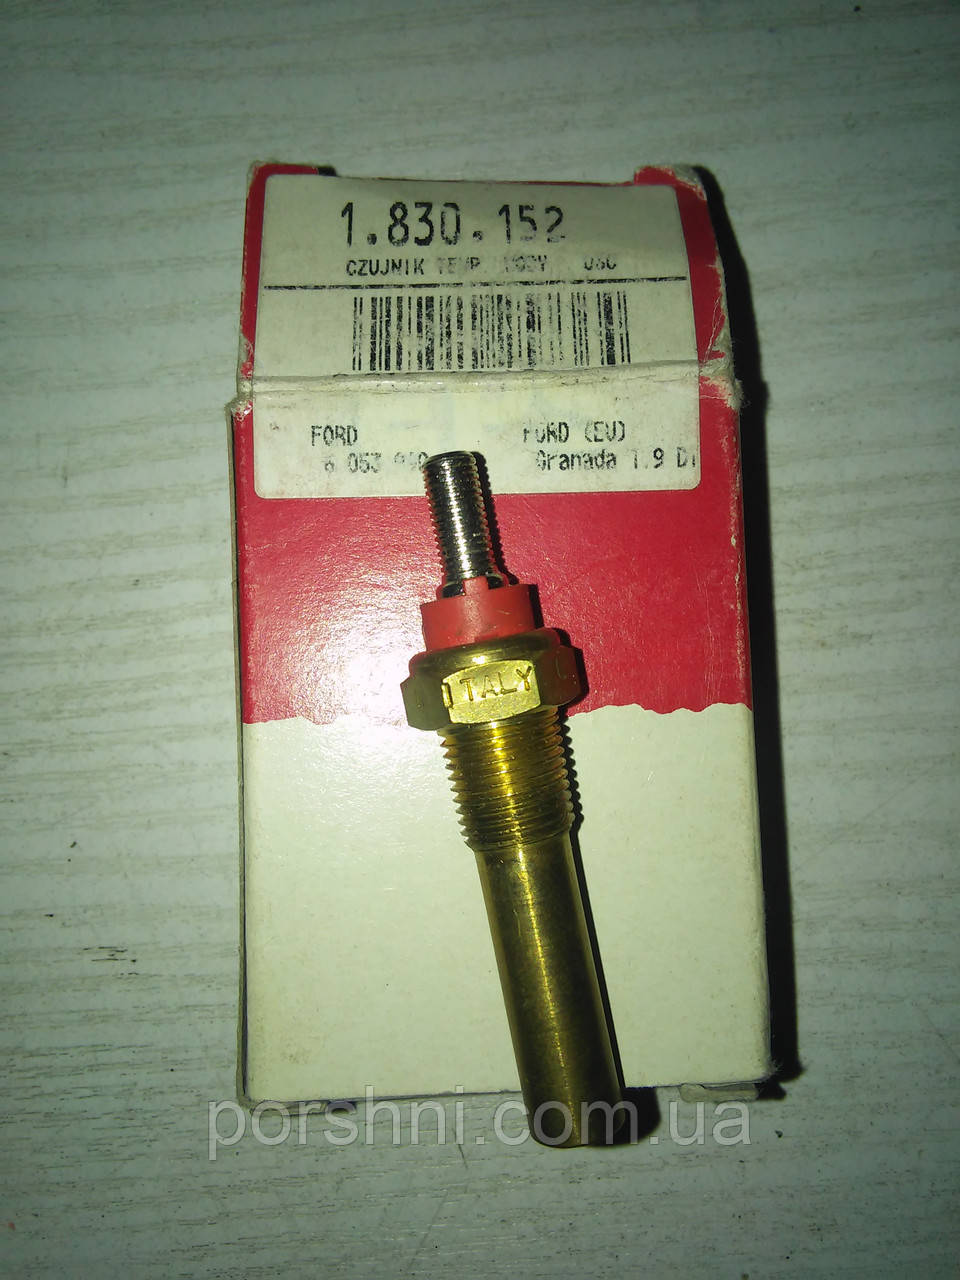 Датчик  температуры Ford Granada   EPS  1 830 152